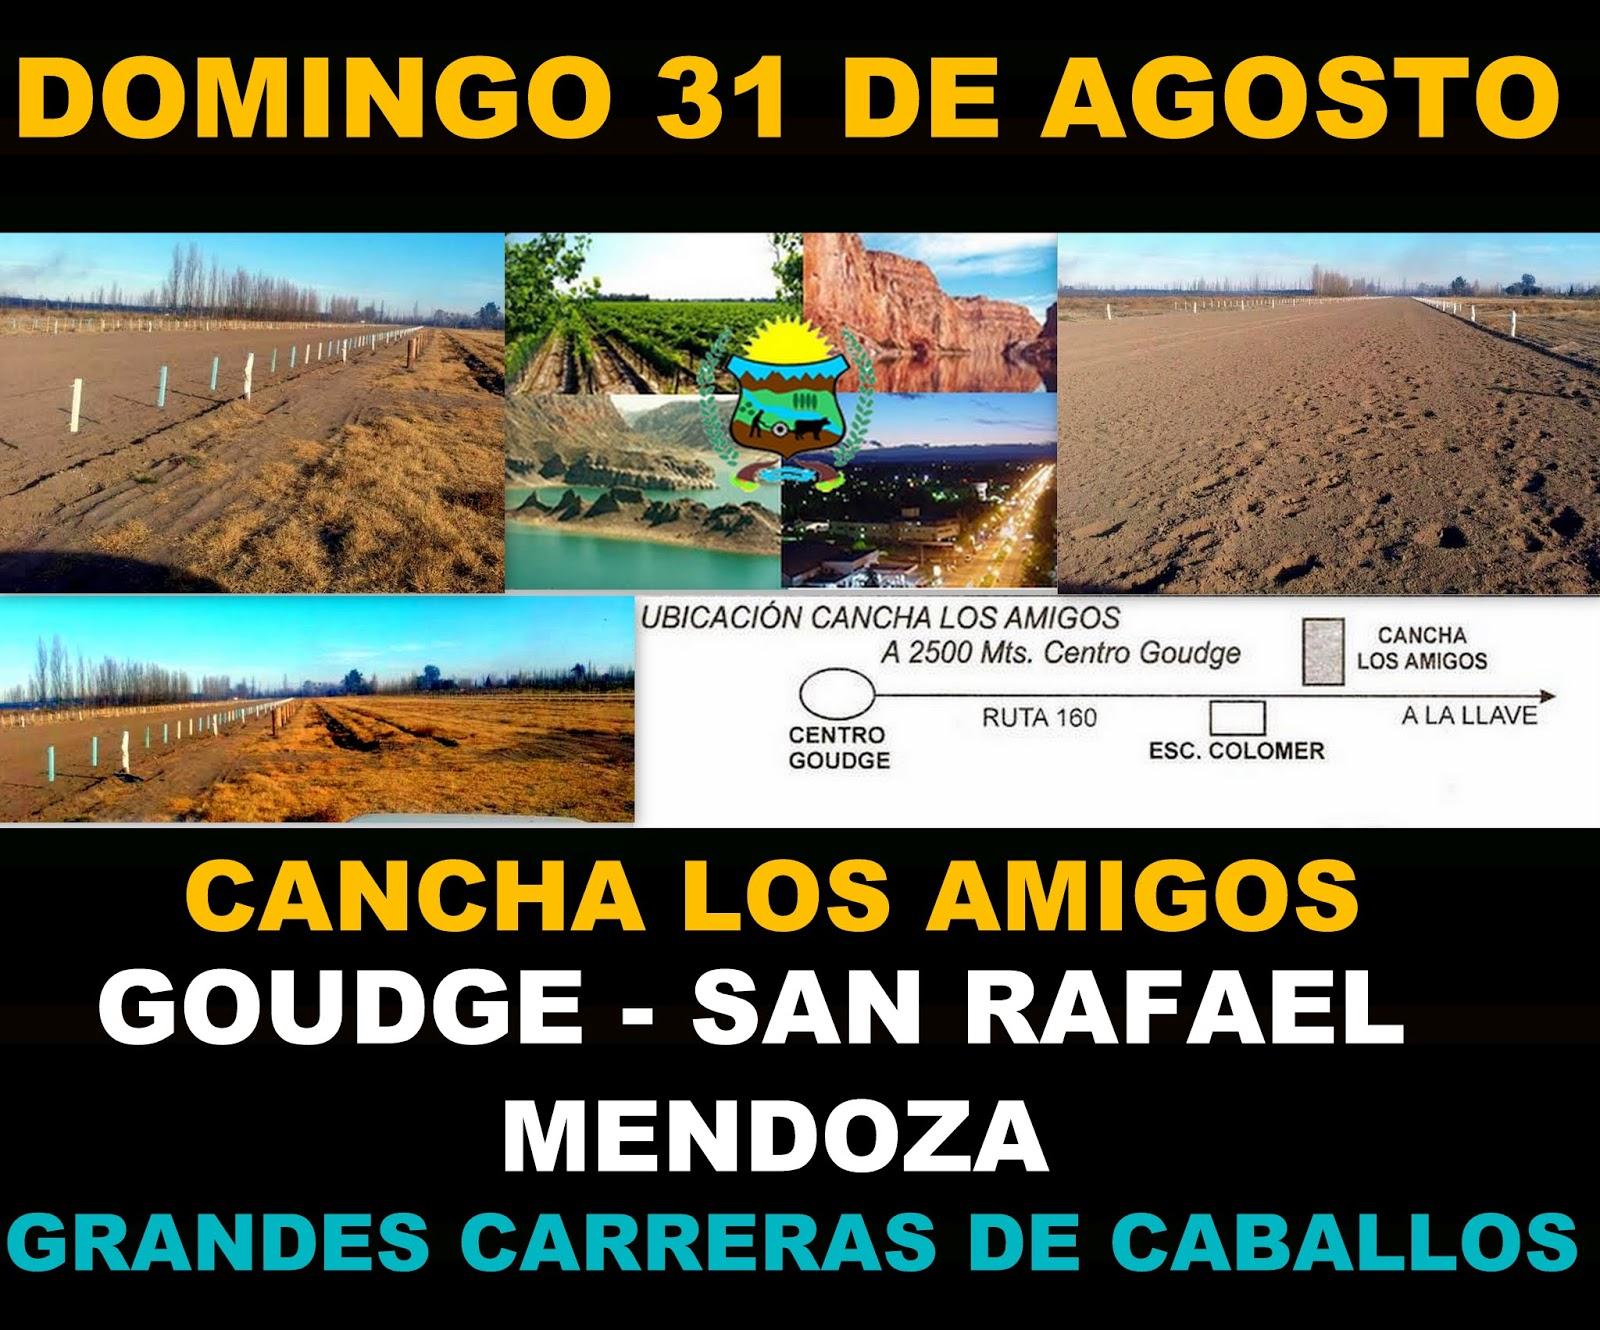 http://turfdelapatagonia.blogspot.com.ar/2014/08/3108-adelantos-de-carreras-de-caballos.html